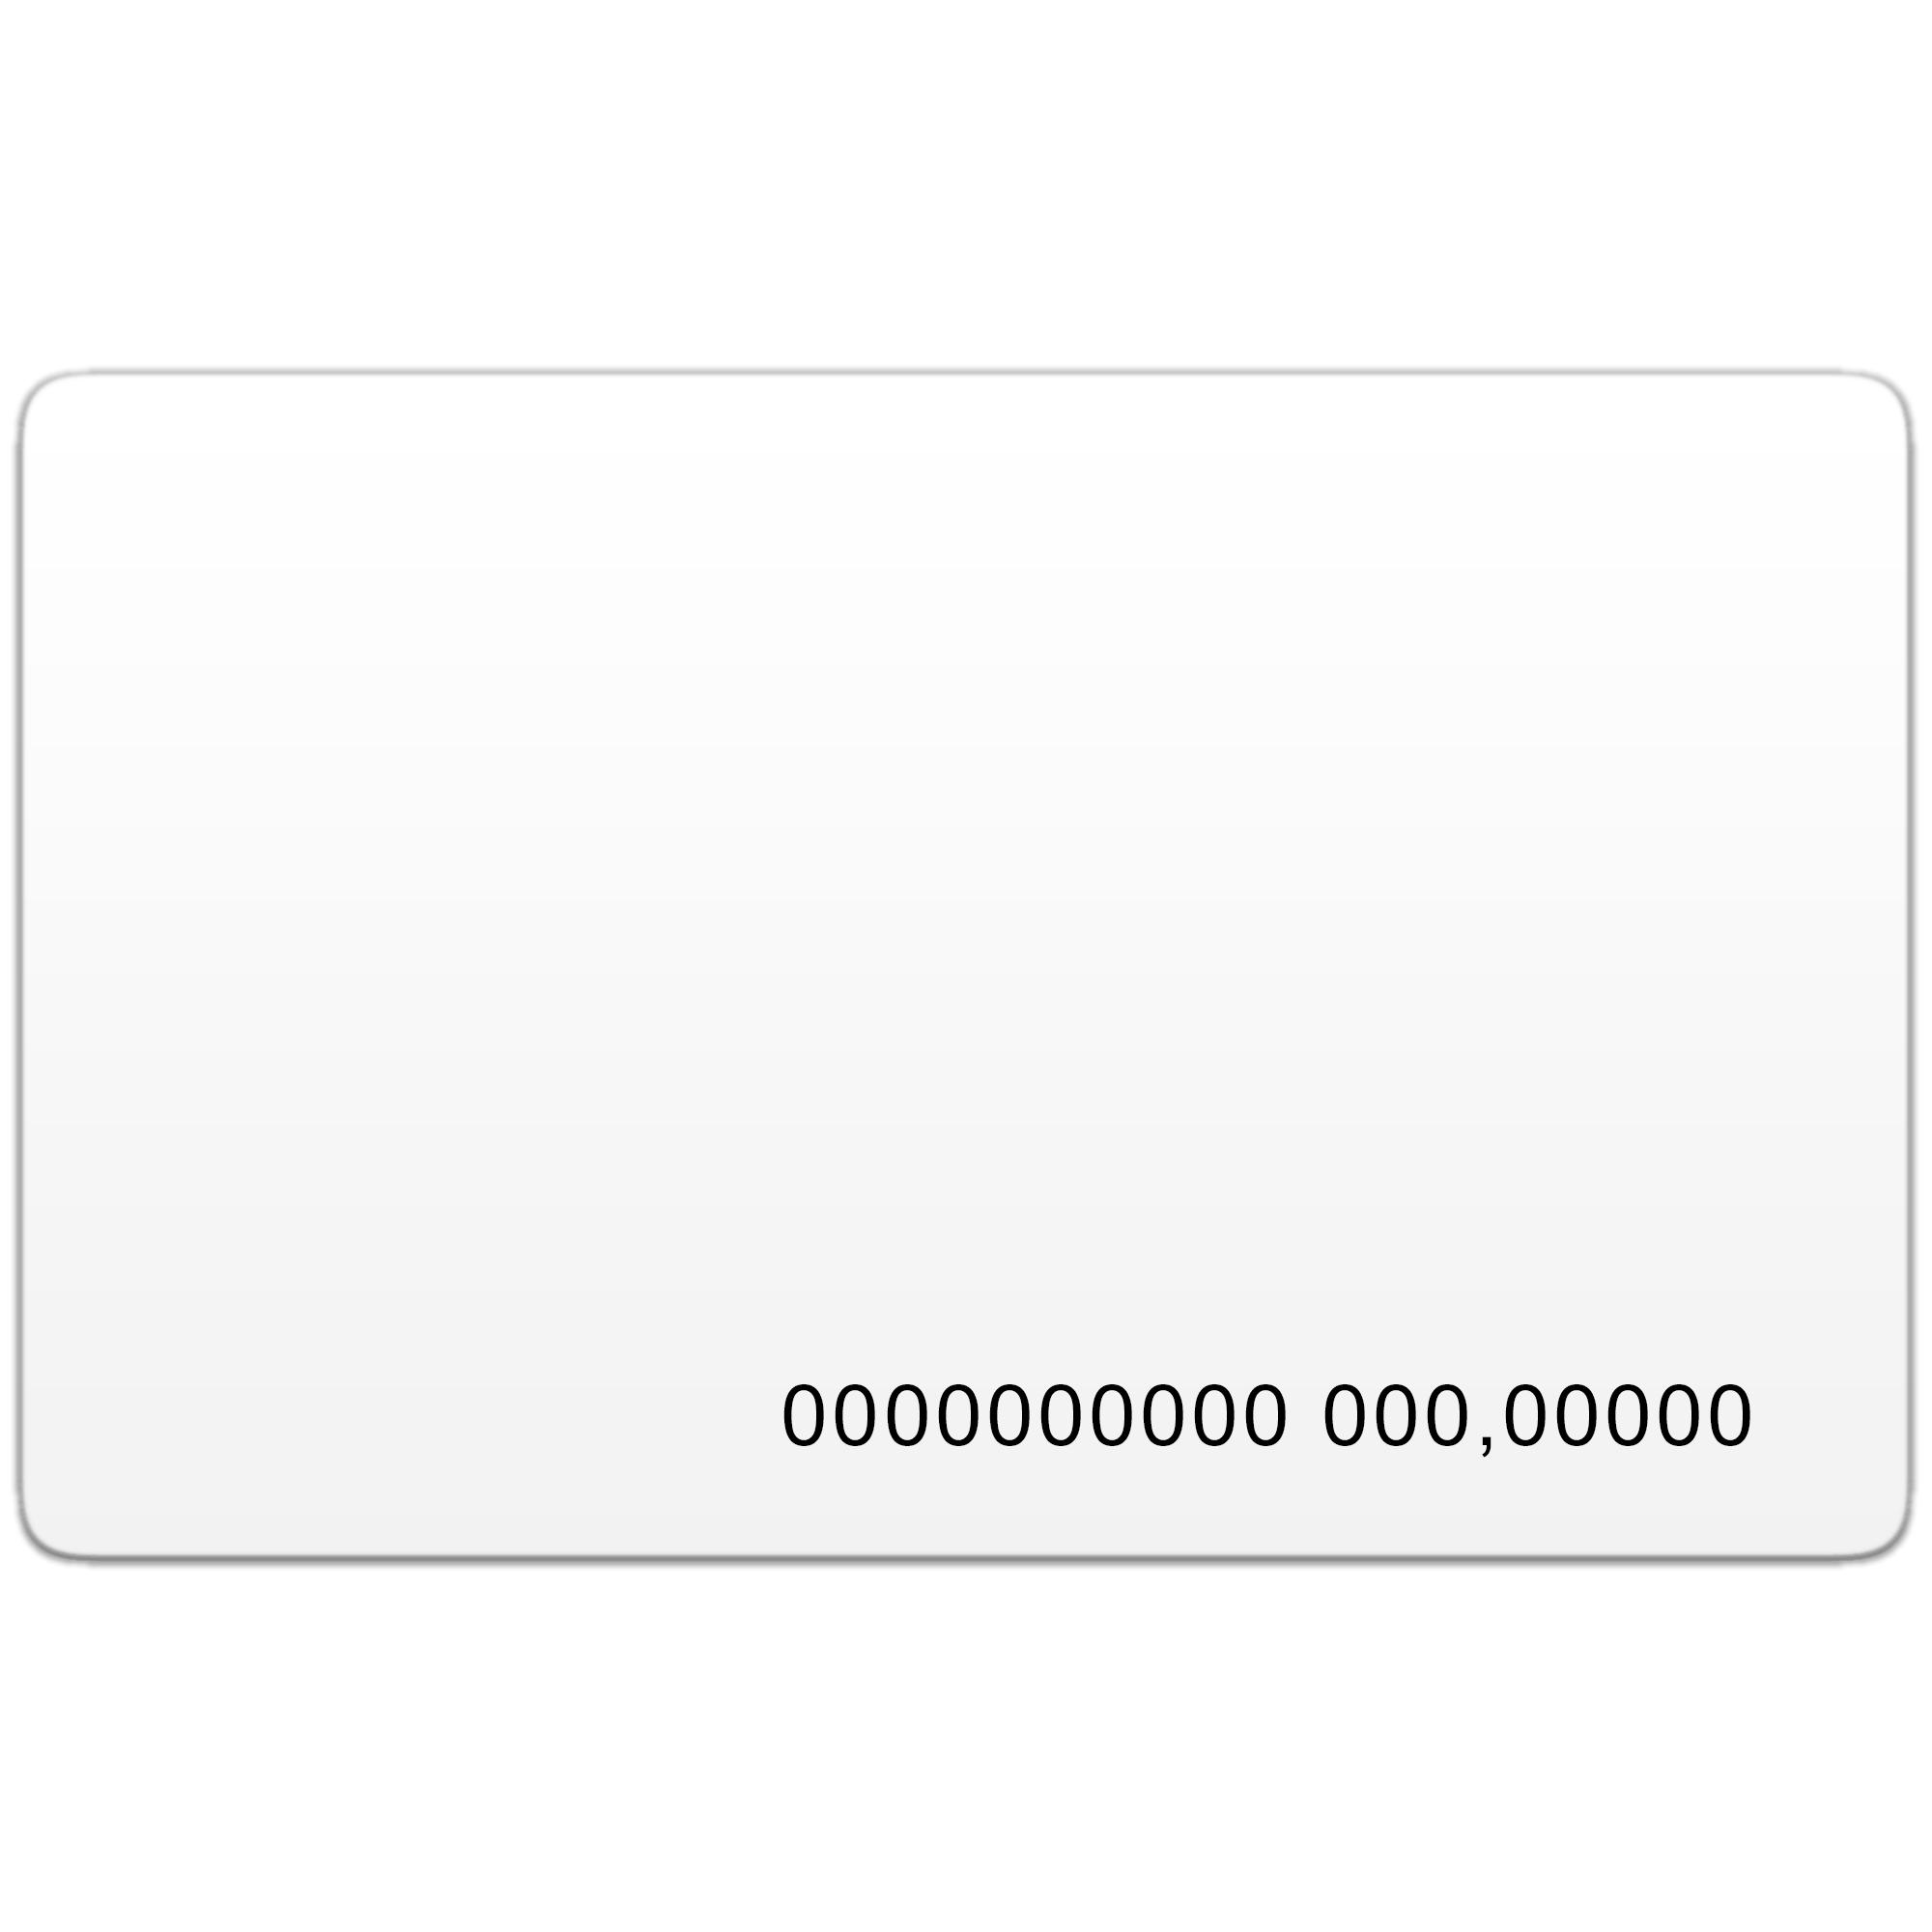 Бесконтактная перезаписываемая пластиковая RFID-карта с чипом Mifare 1K с номером